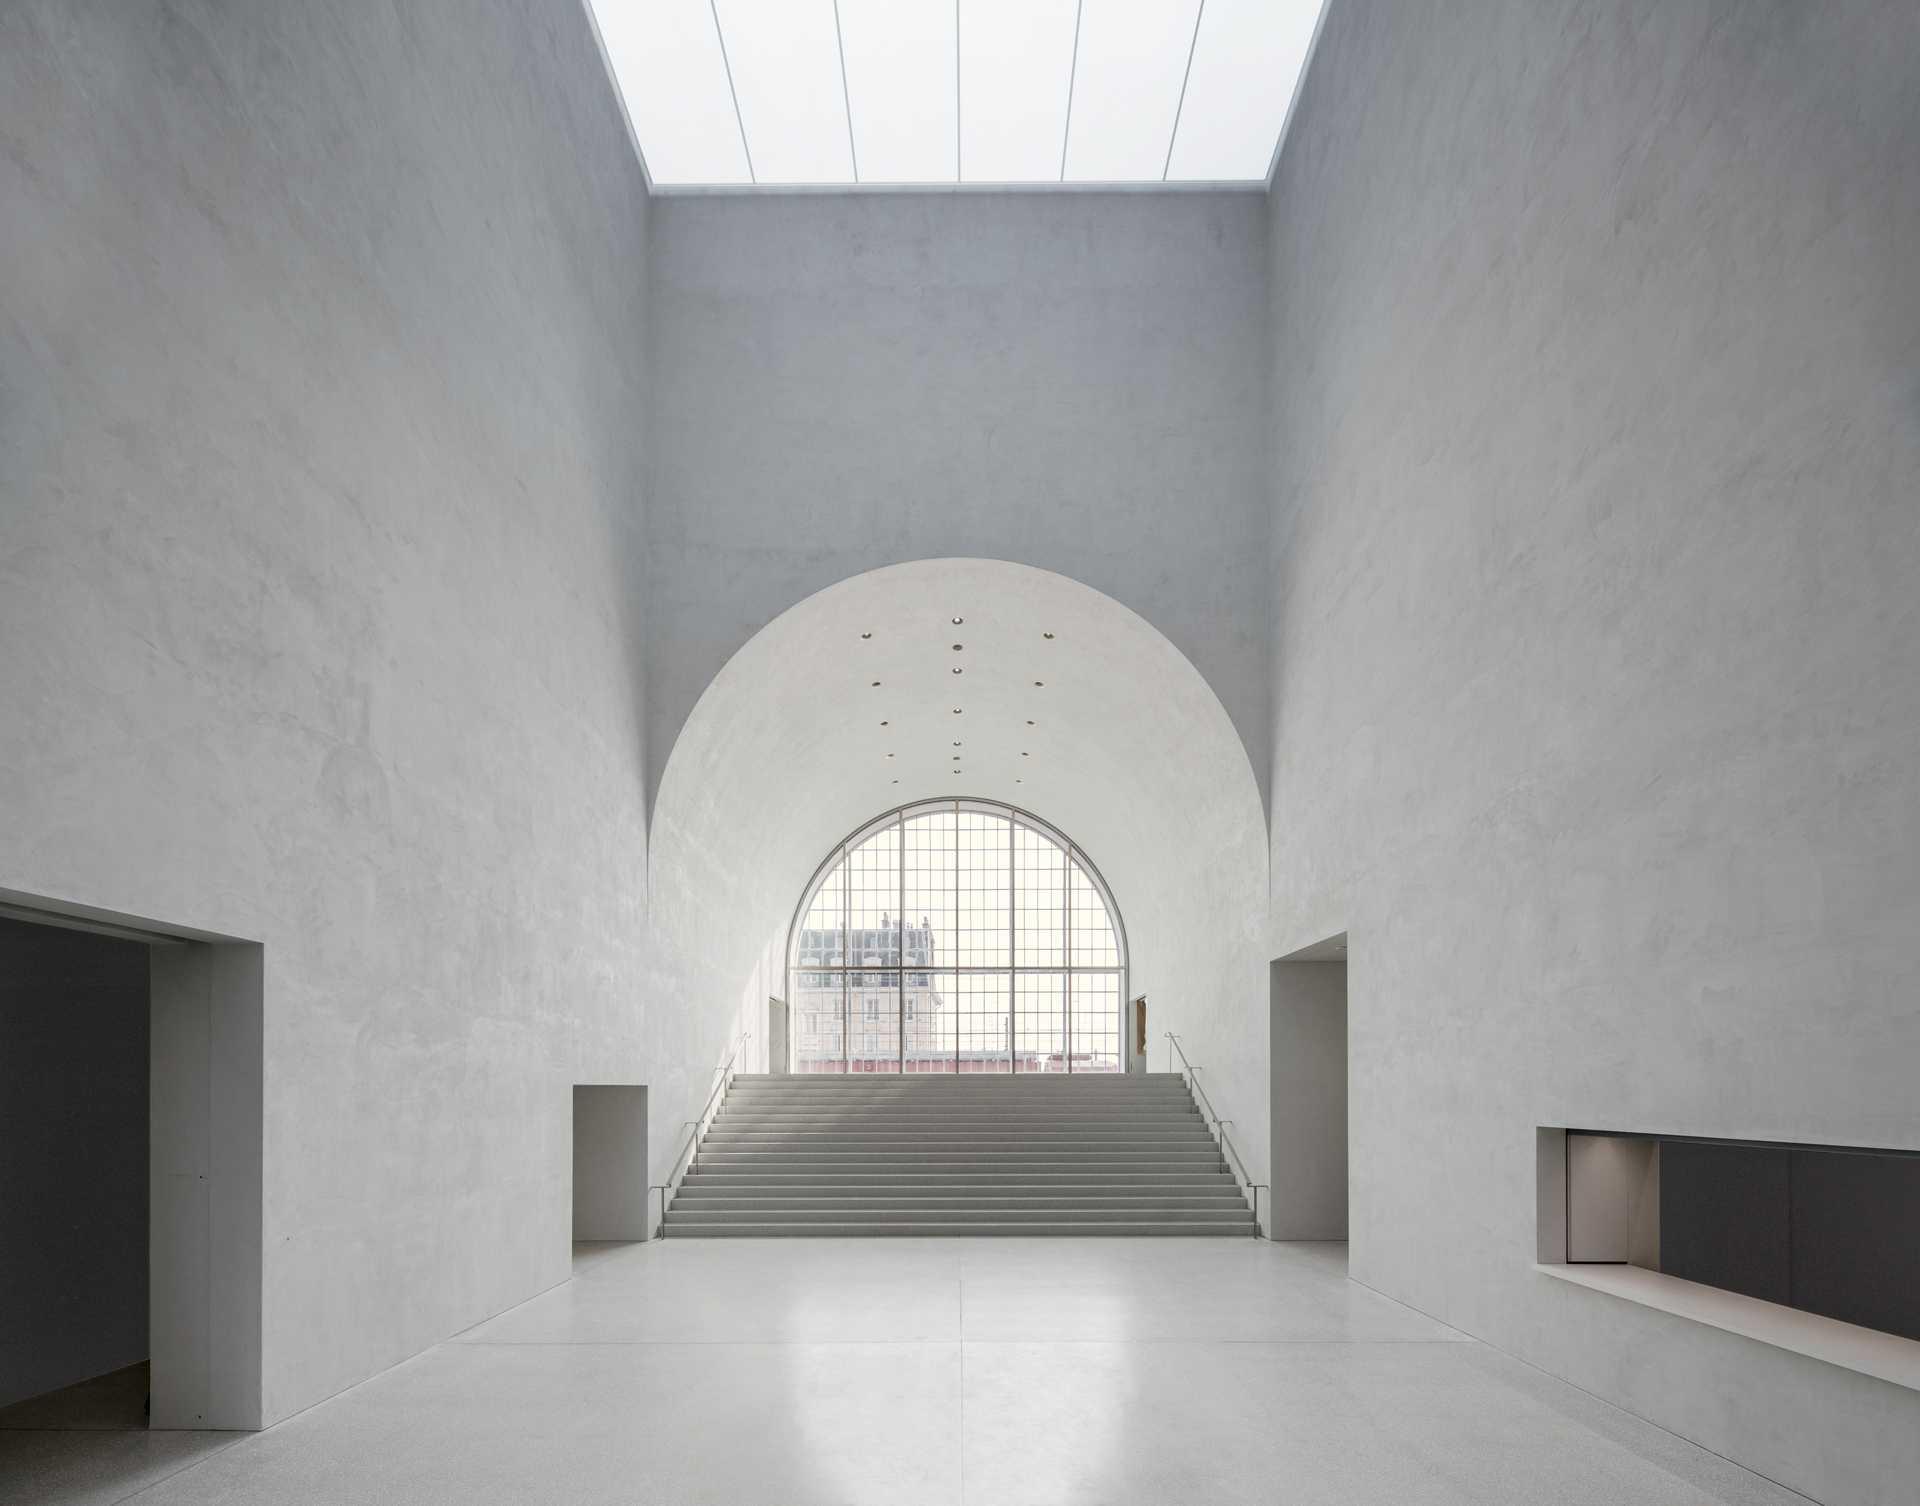 Musée Cantonal des Beaux-Arts  - 21 06 42